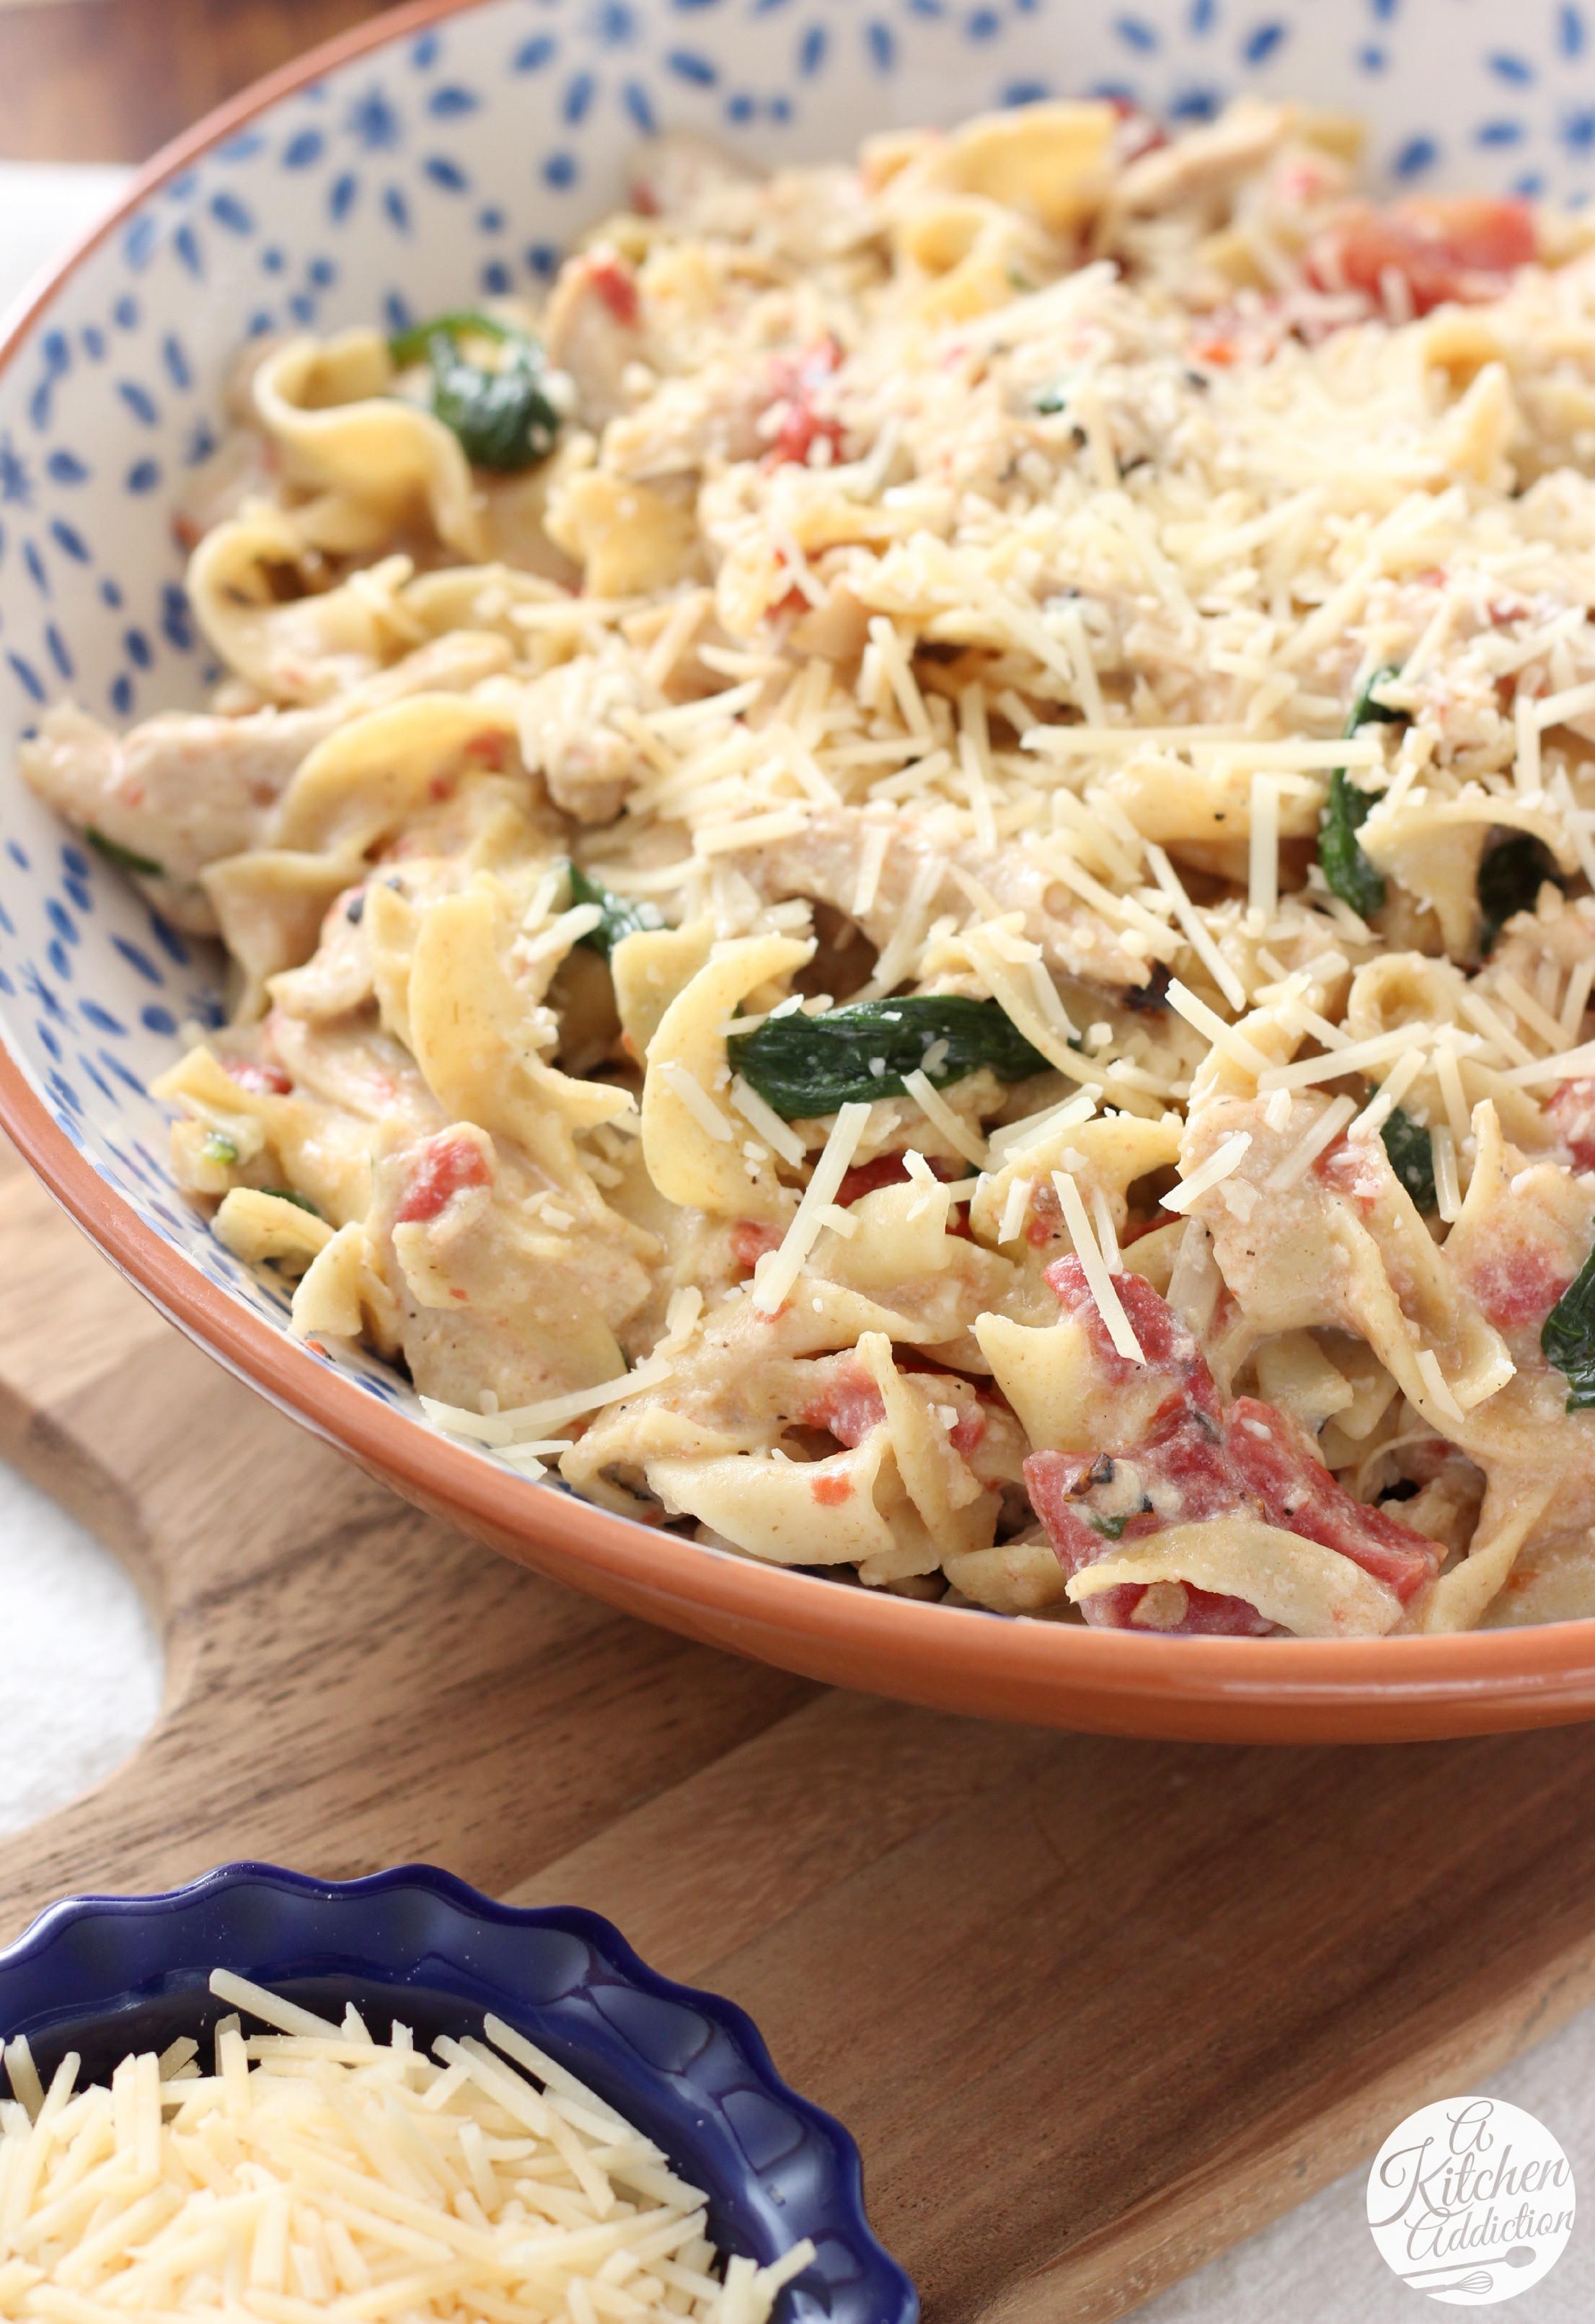 Chicken And Noodles Recipe  Creamy Garlic Parmesan Chicken and Noodles $100 Visa